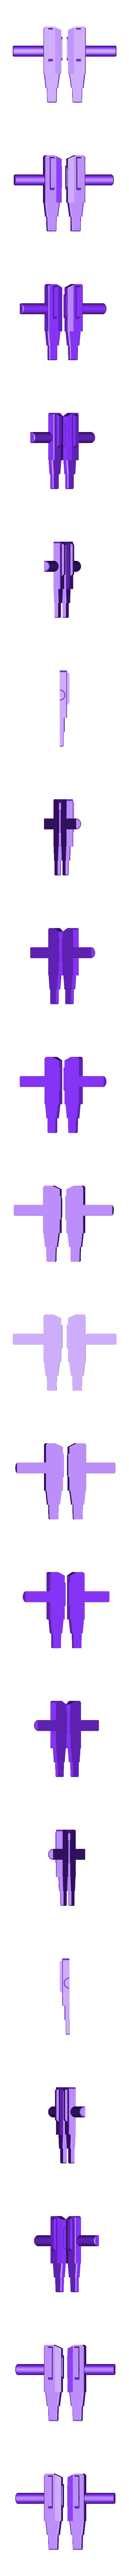 19_Brawn_Gun_GREY.stl Download free STL file G1 Transformers Brawn • 3D printer object, Toymakr3D